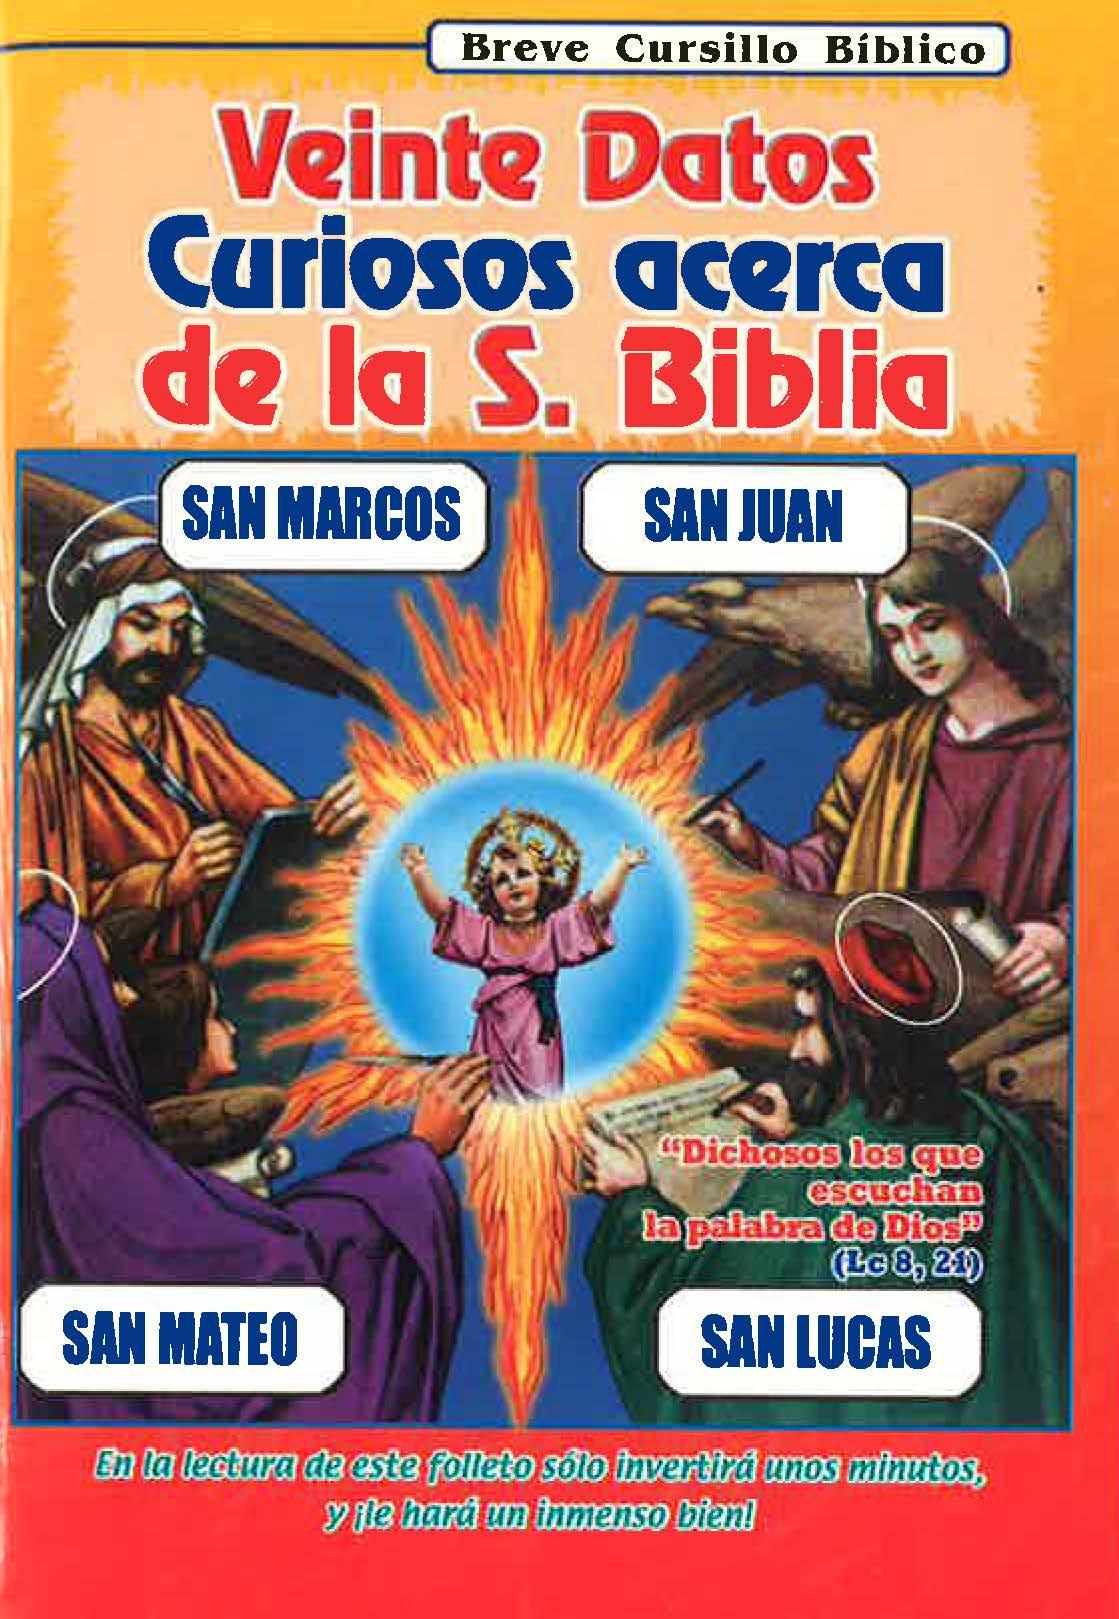 Veinte datos curiosos acerca de la S. Biblia